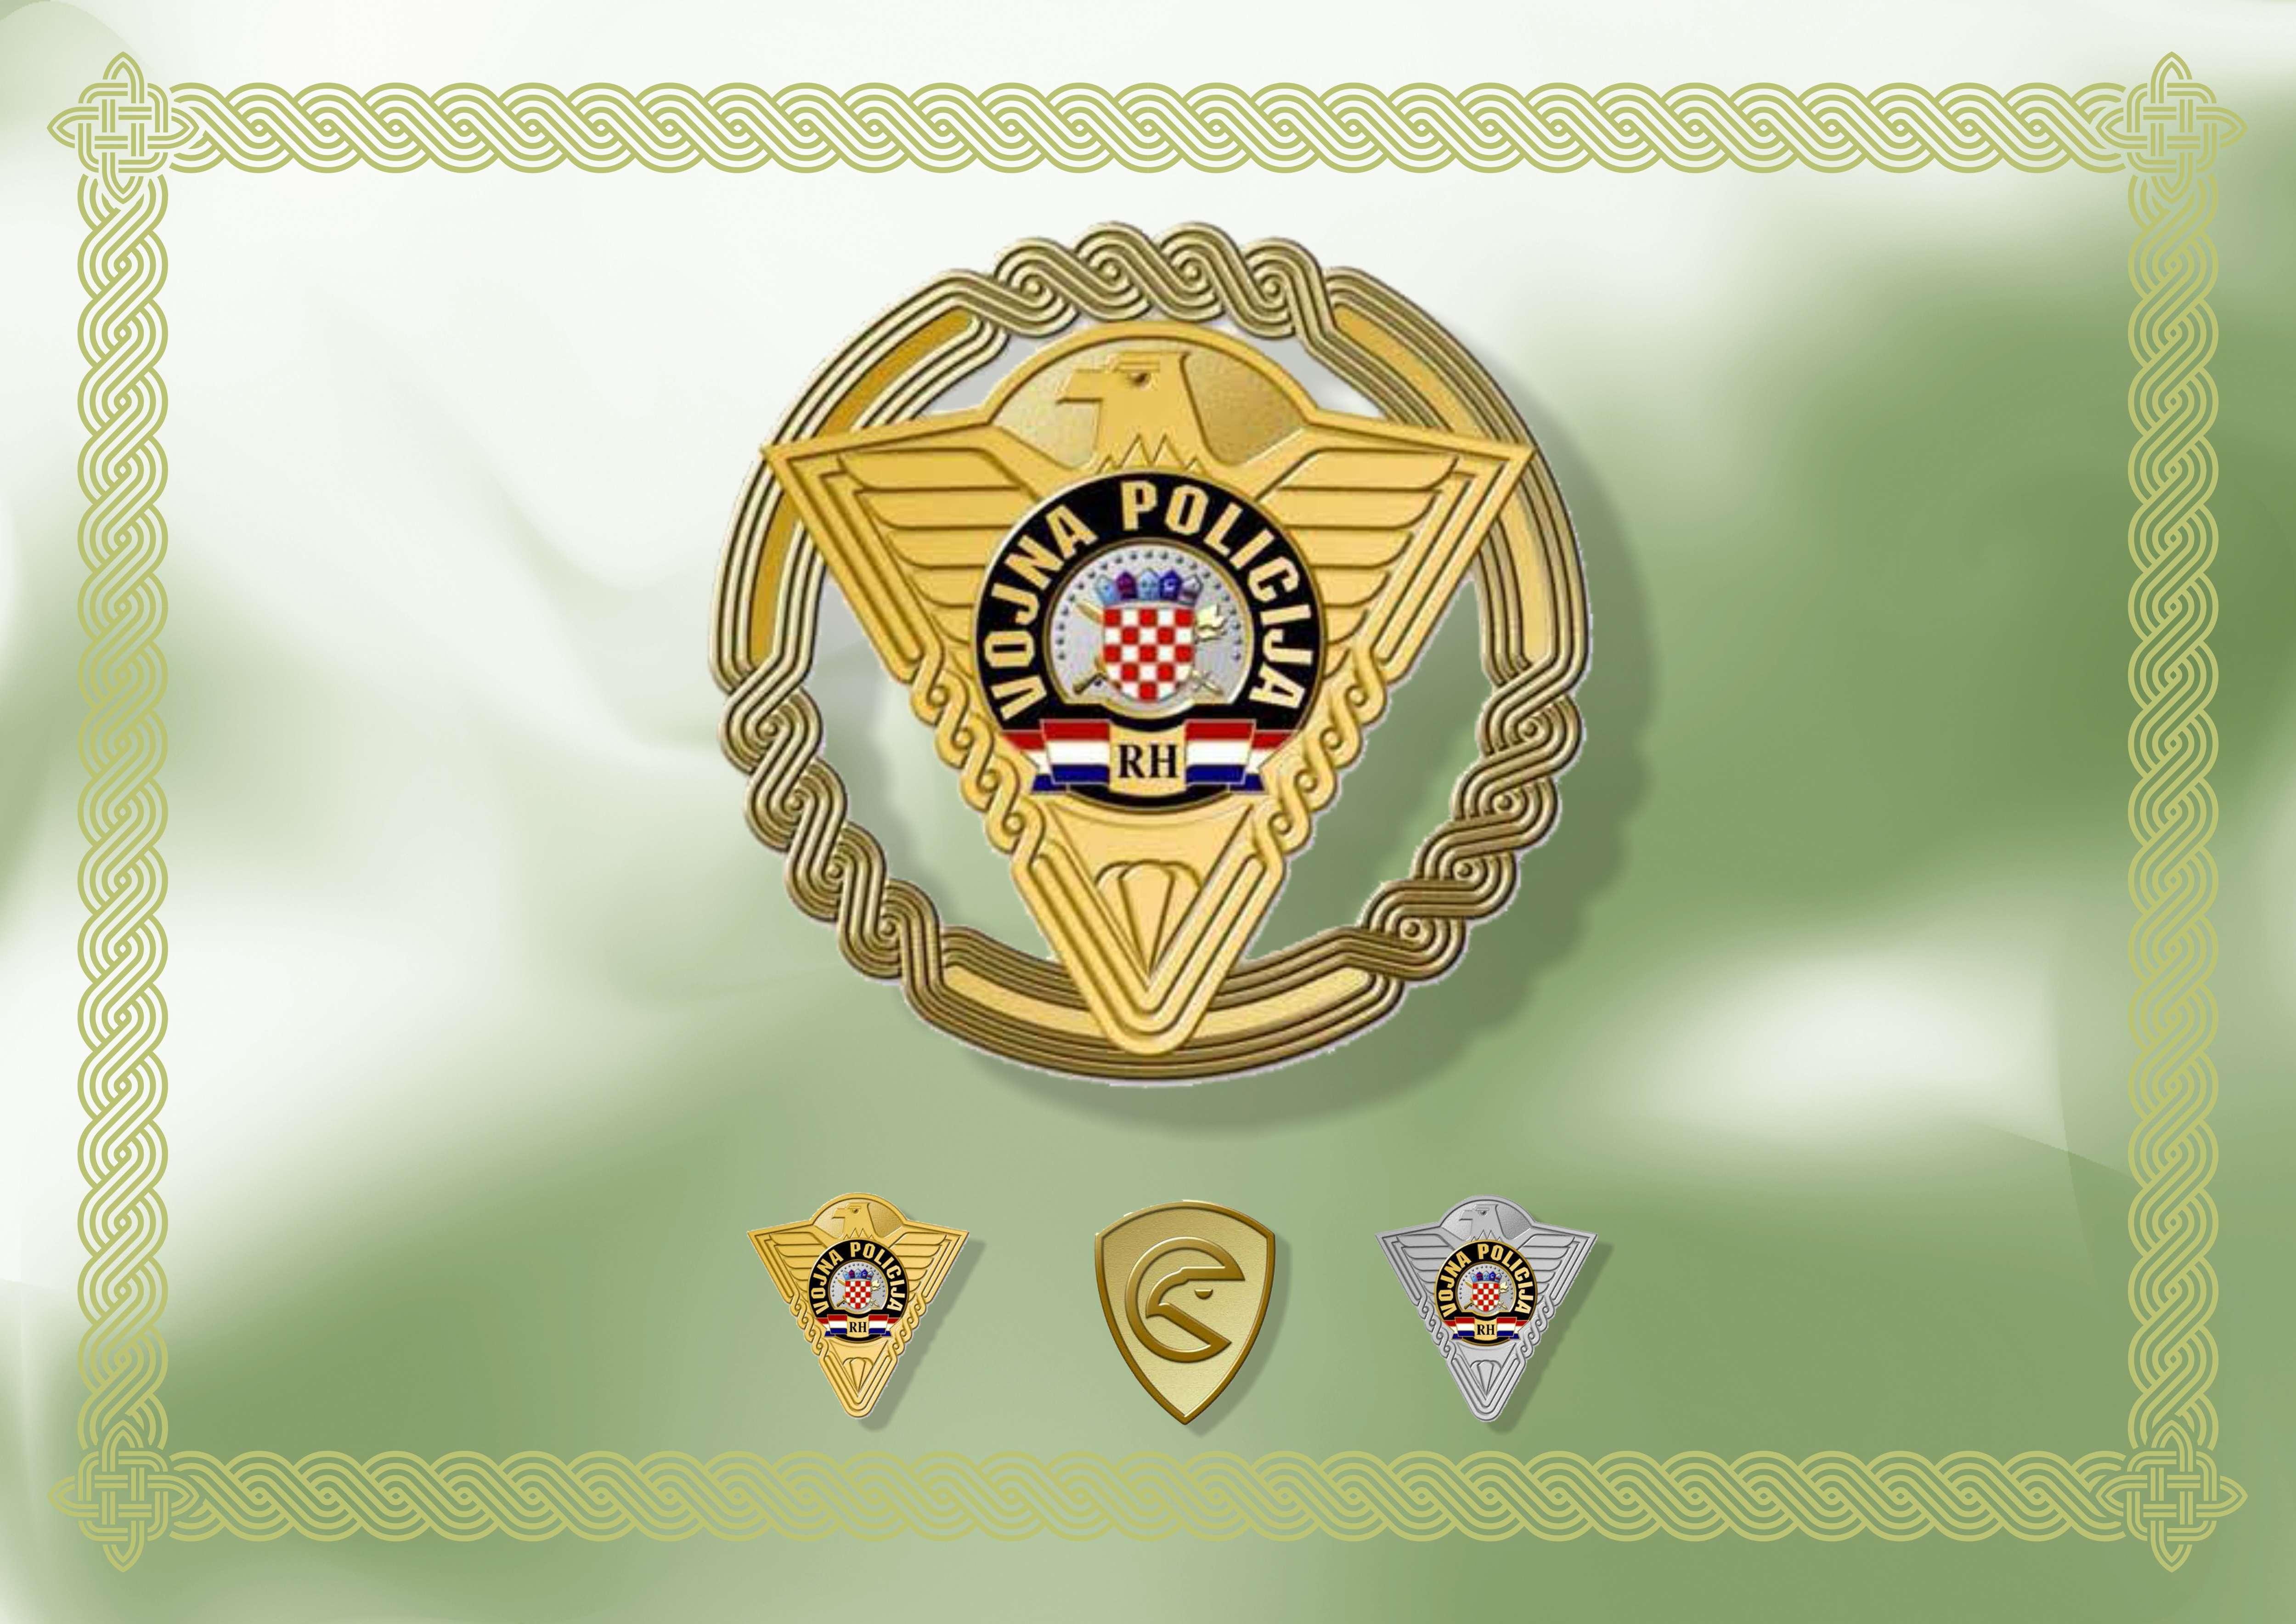 Novim prijedlogom zakona o obrani bitno se mijenjaju i proširuju ovlasti pripadnika Vojne policije